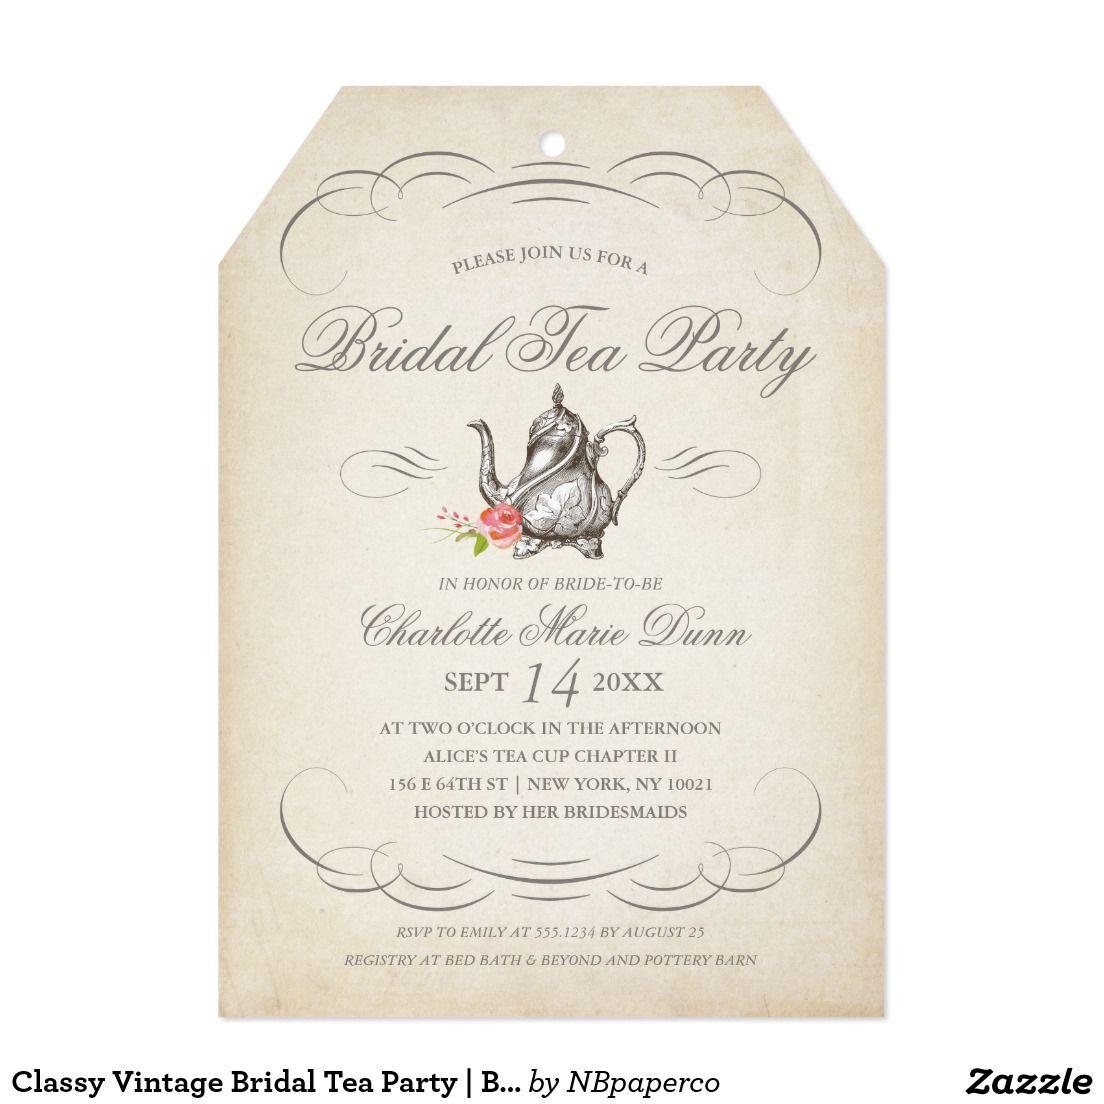 Classy Vintage Bridal Tea Party | Bridal Shower Card | Fabulous ...